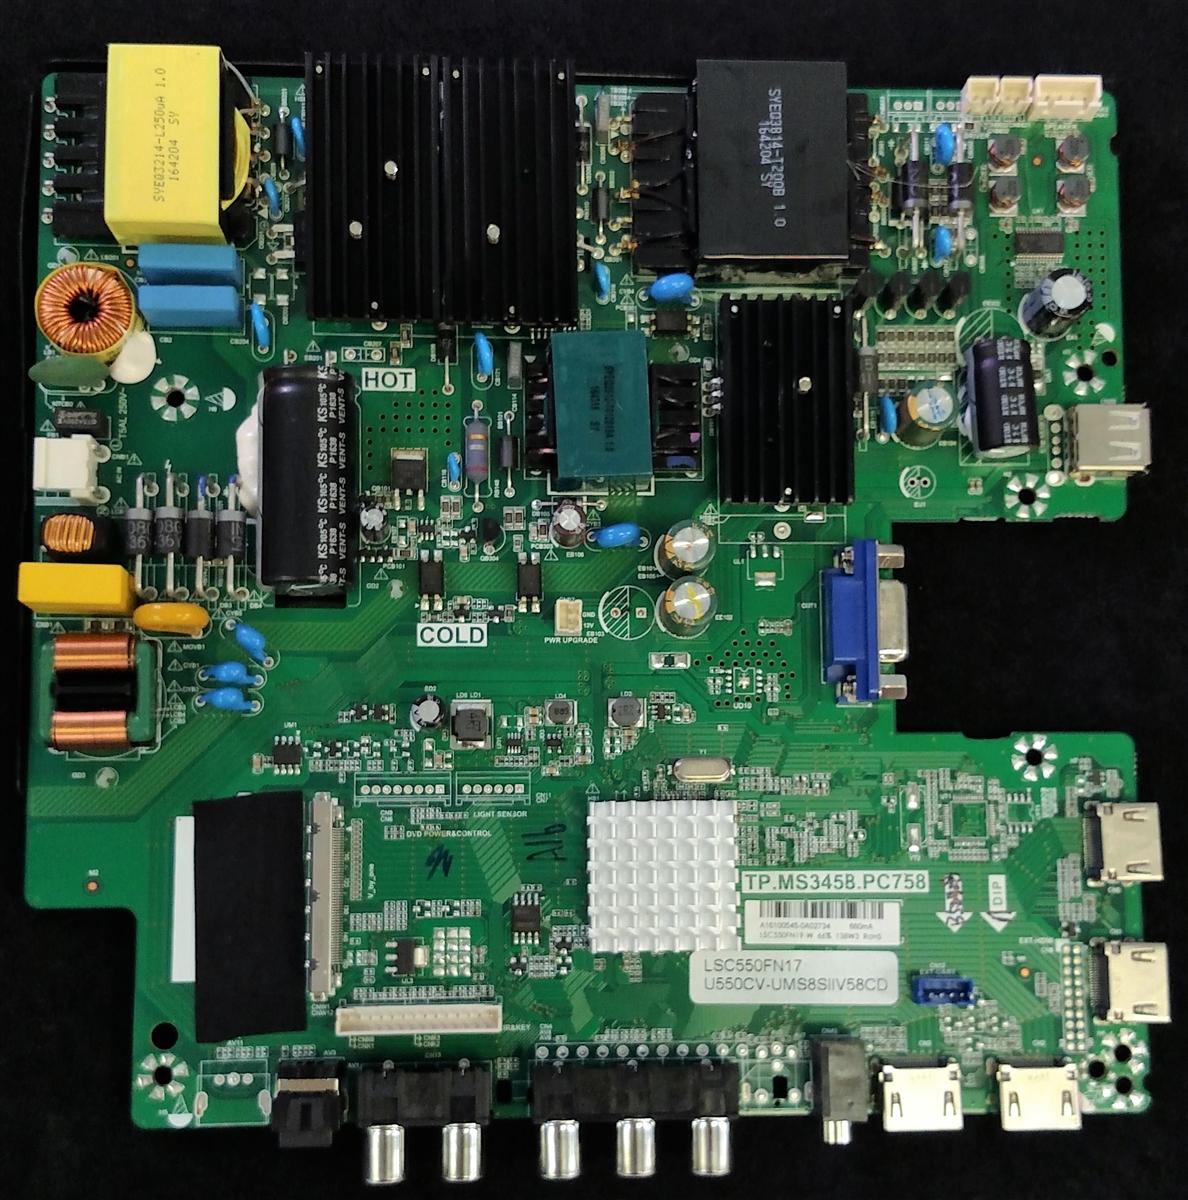 A16100545 Sceptre Main Board / Power Supply, TP MS3458 PC758, LSC550FN19-W,  U55 SIIV58CD, U550CV-UMS